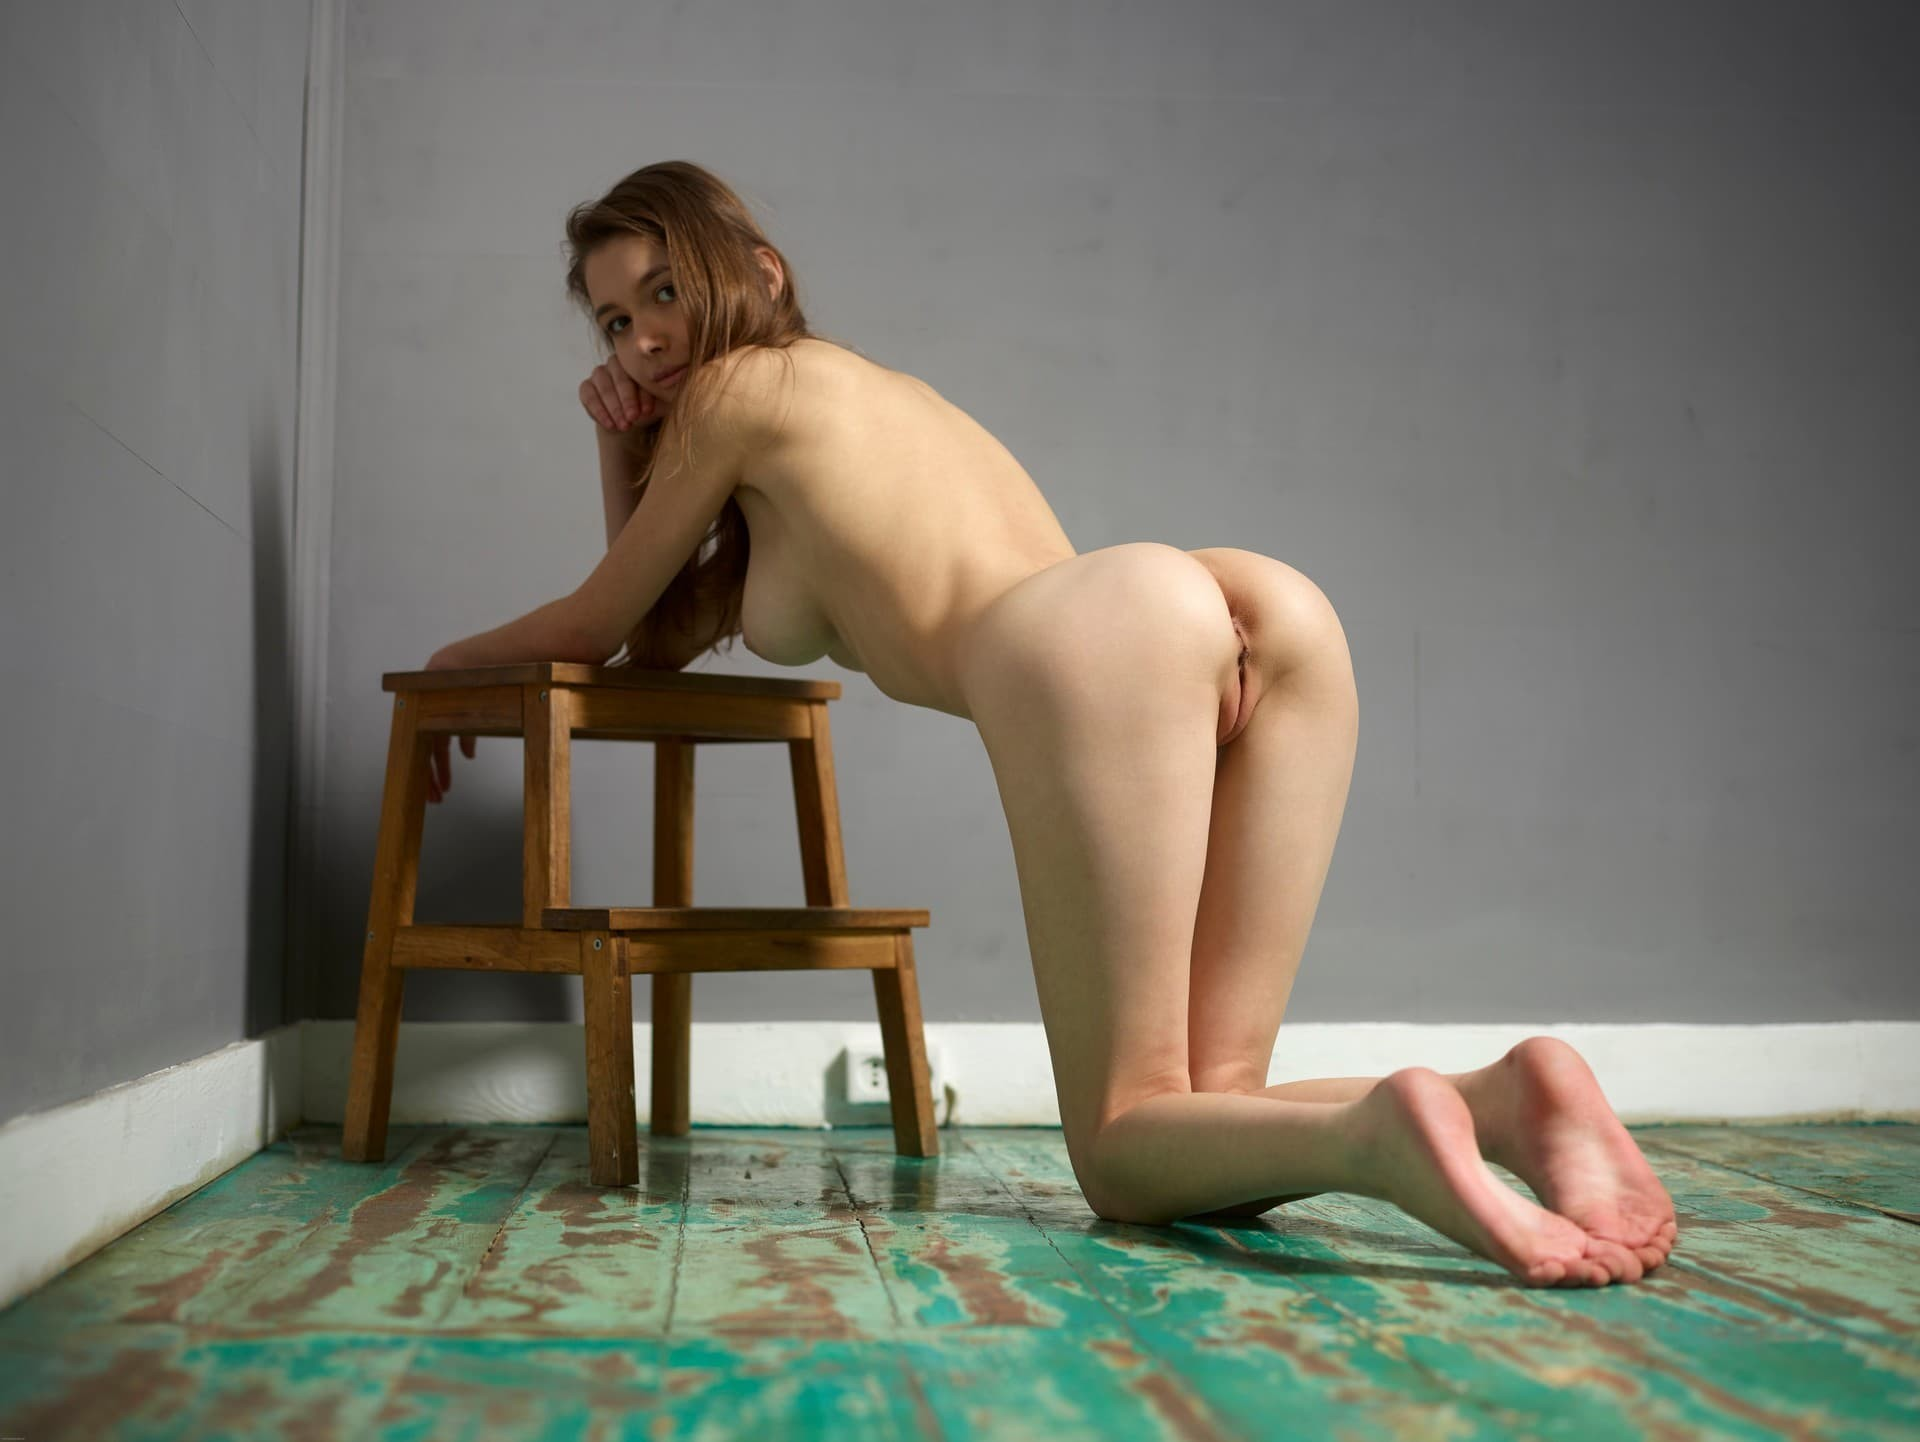 Голая девушка на коленках на полу - фото